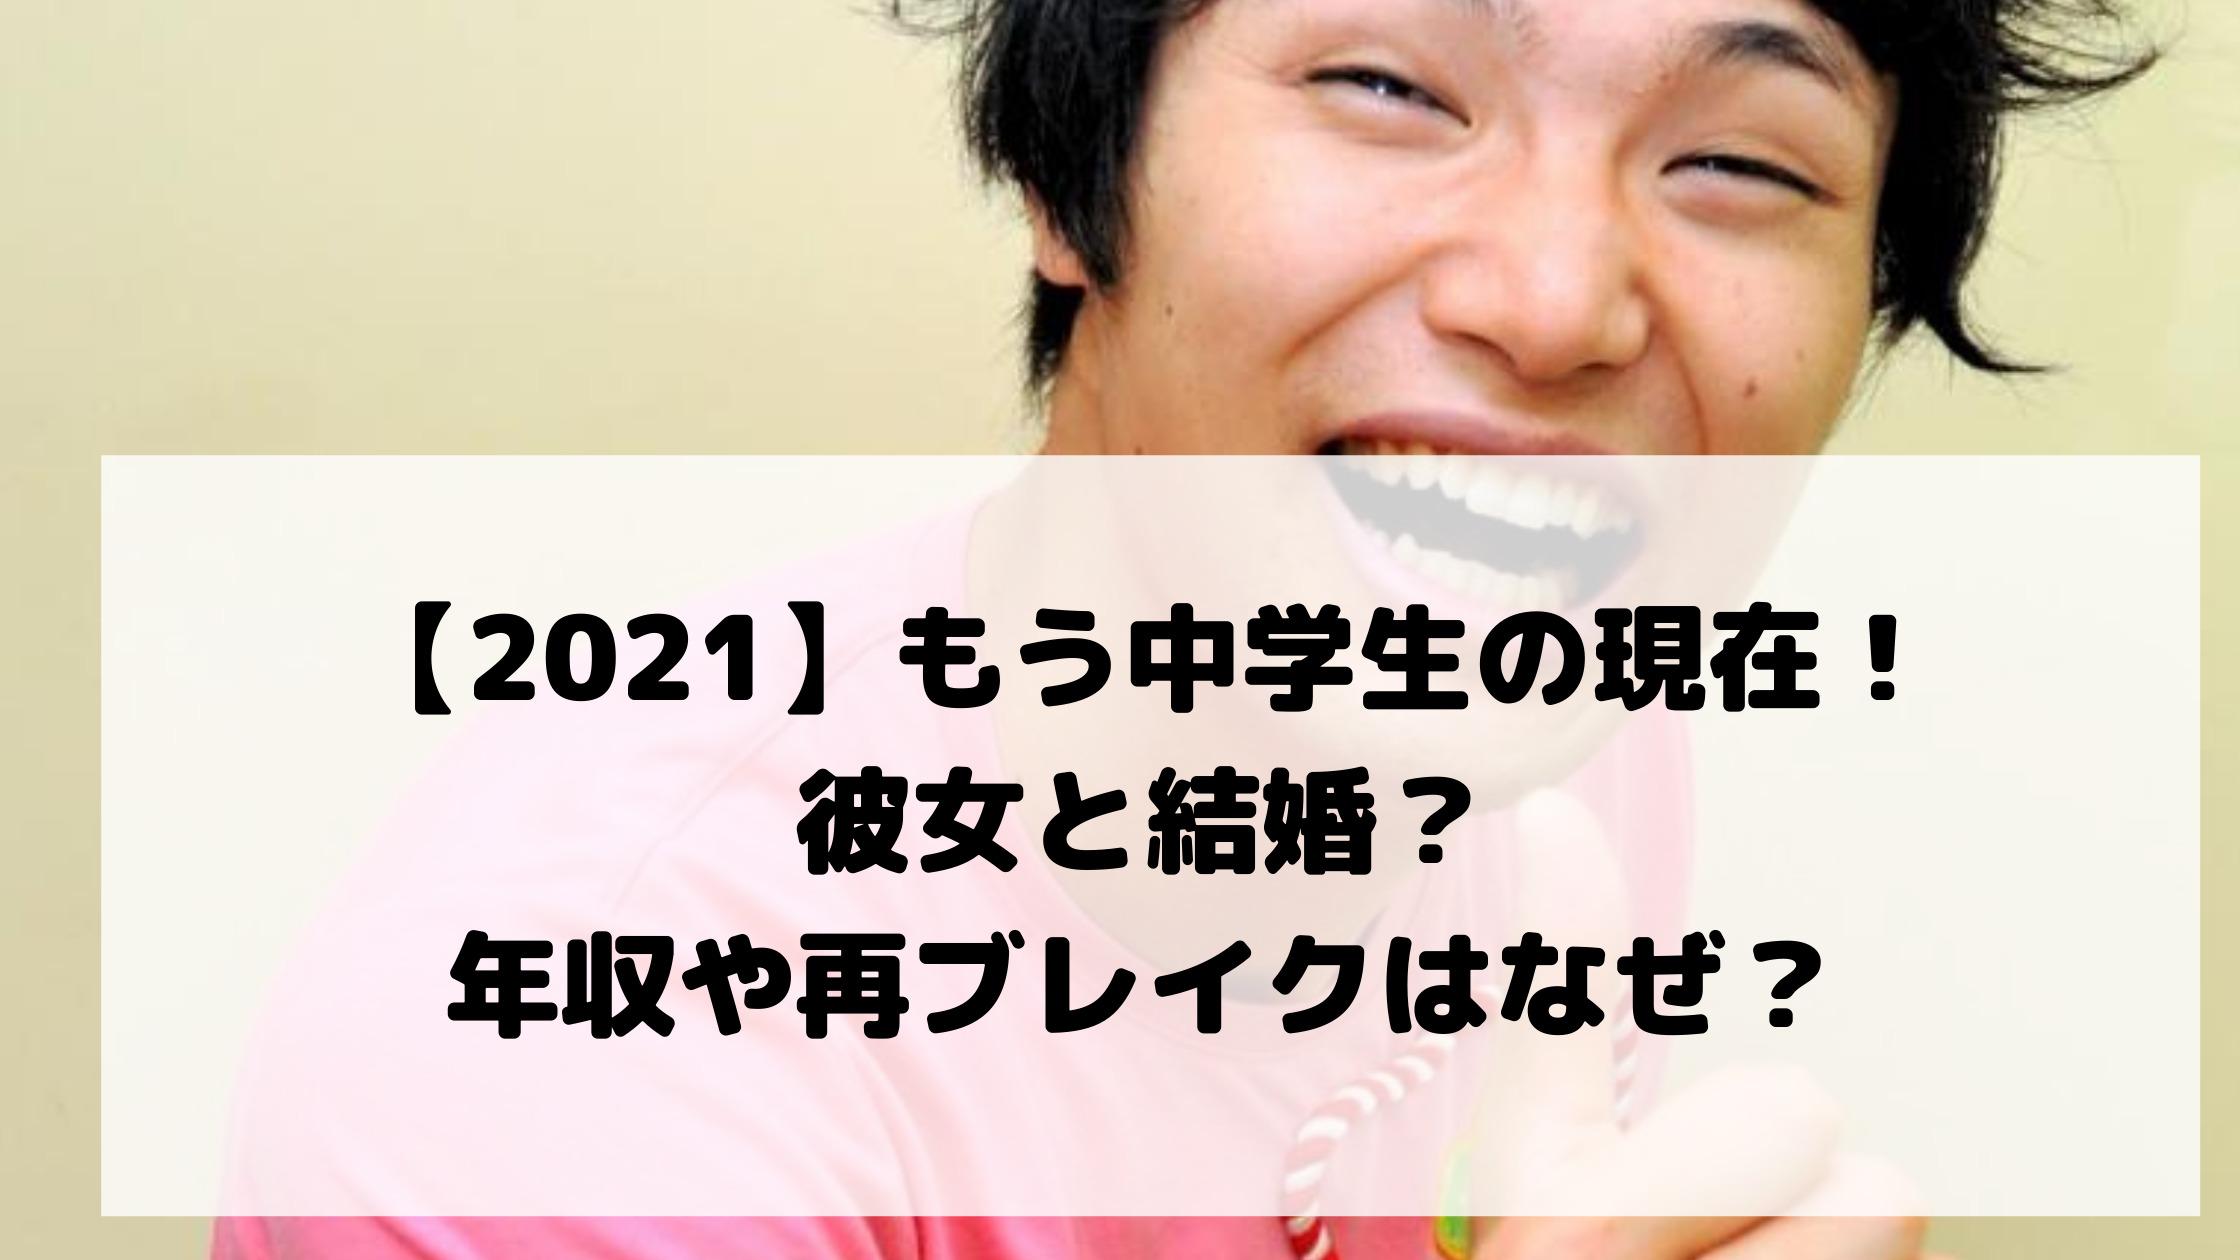 【2021】もう中学生の現在!彼女と結婚?年収や再ブレイクはなぜ?